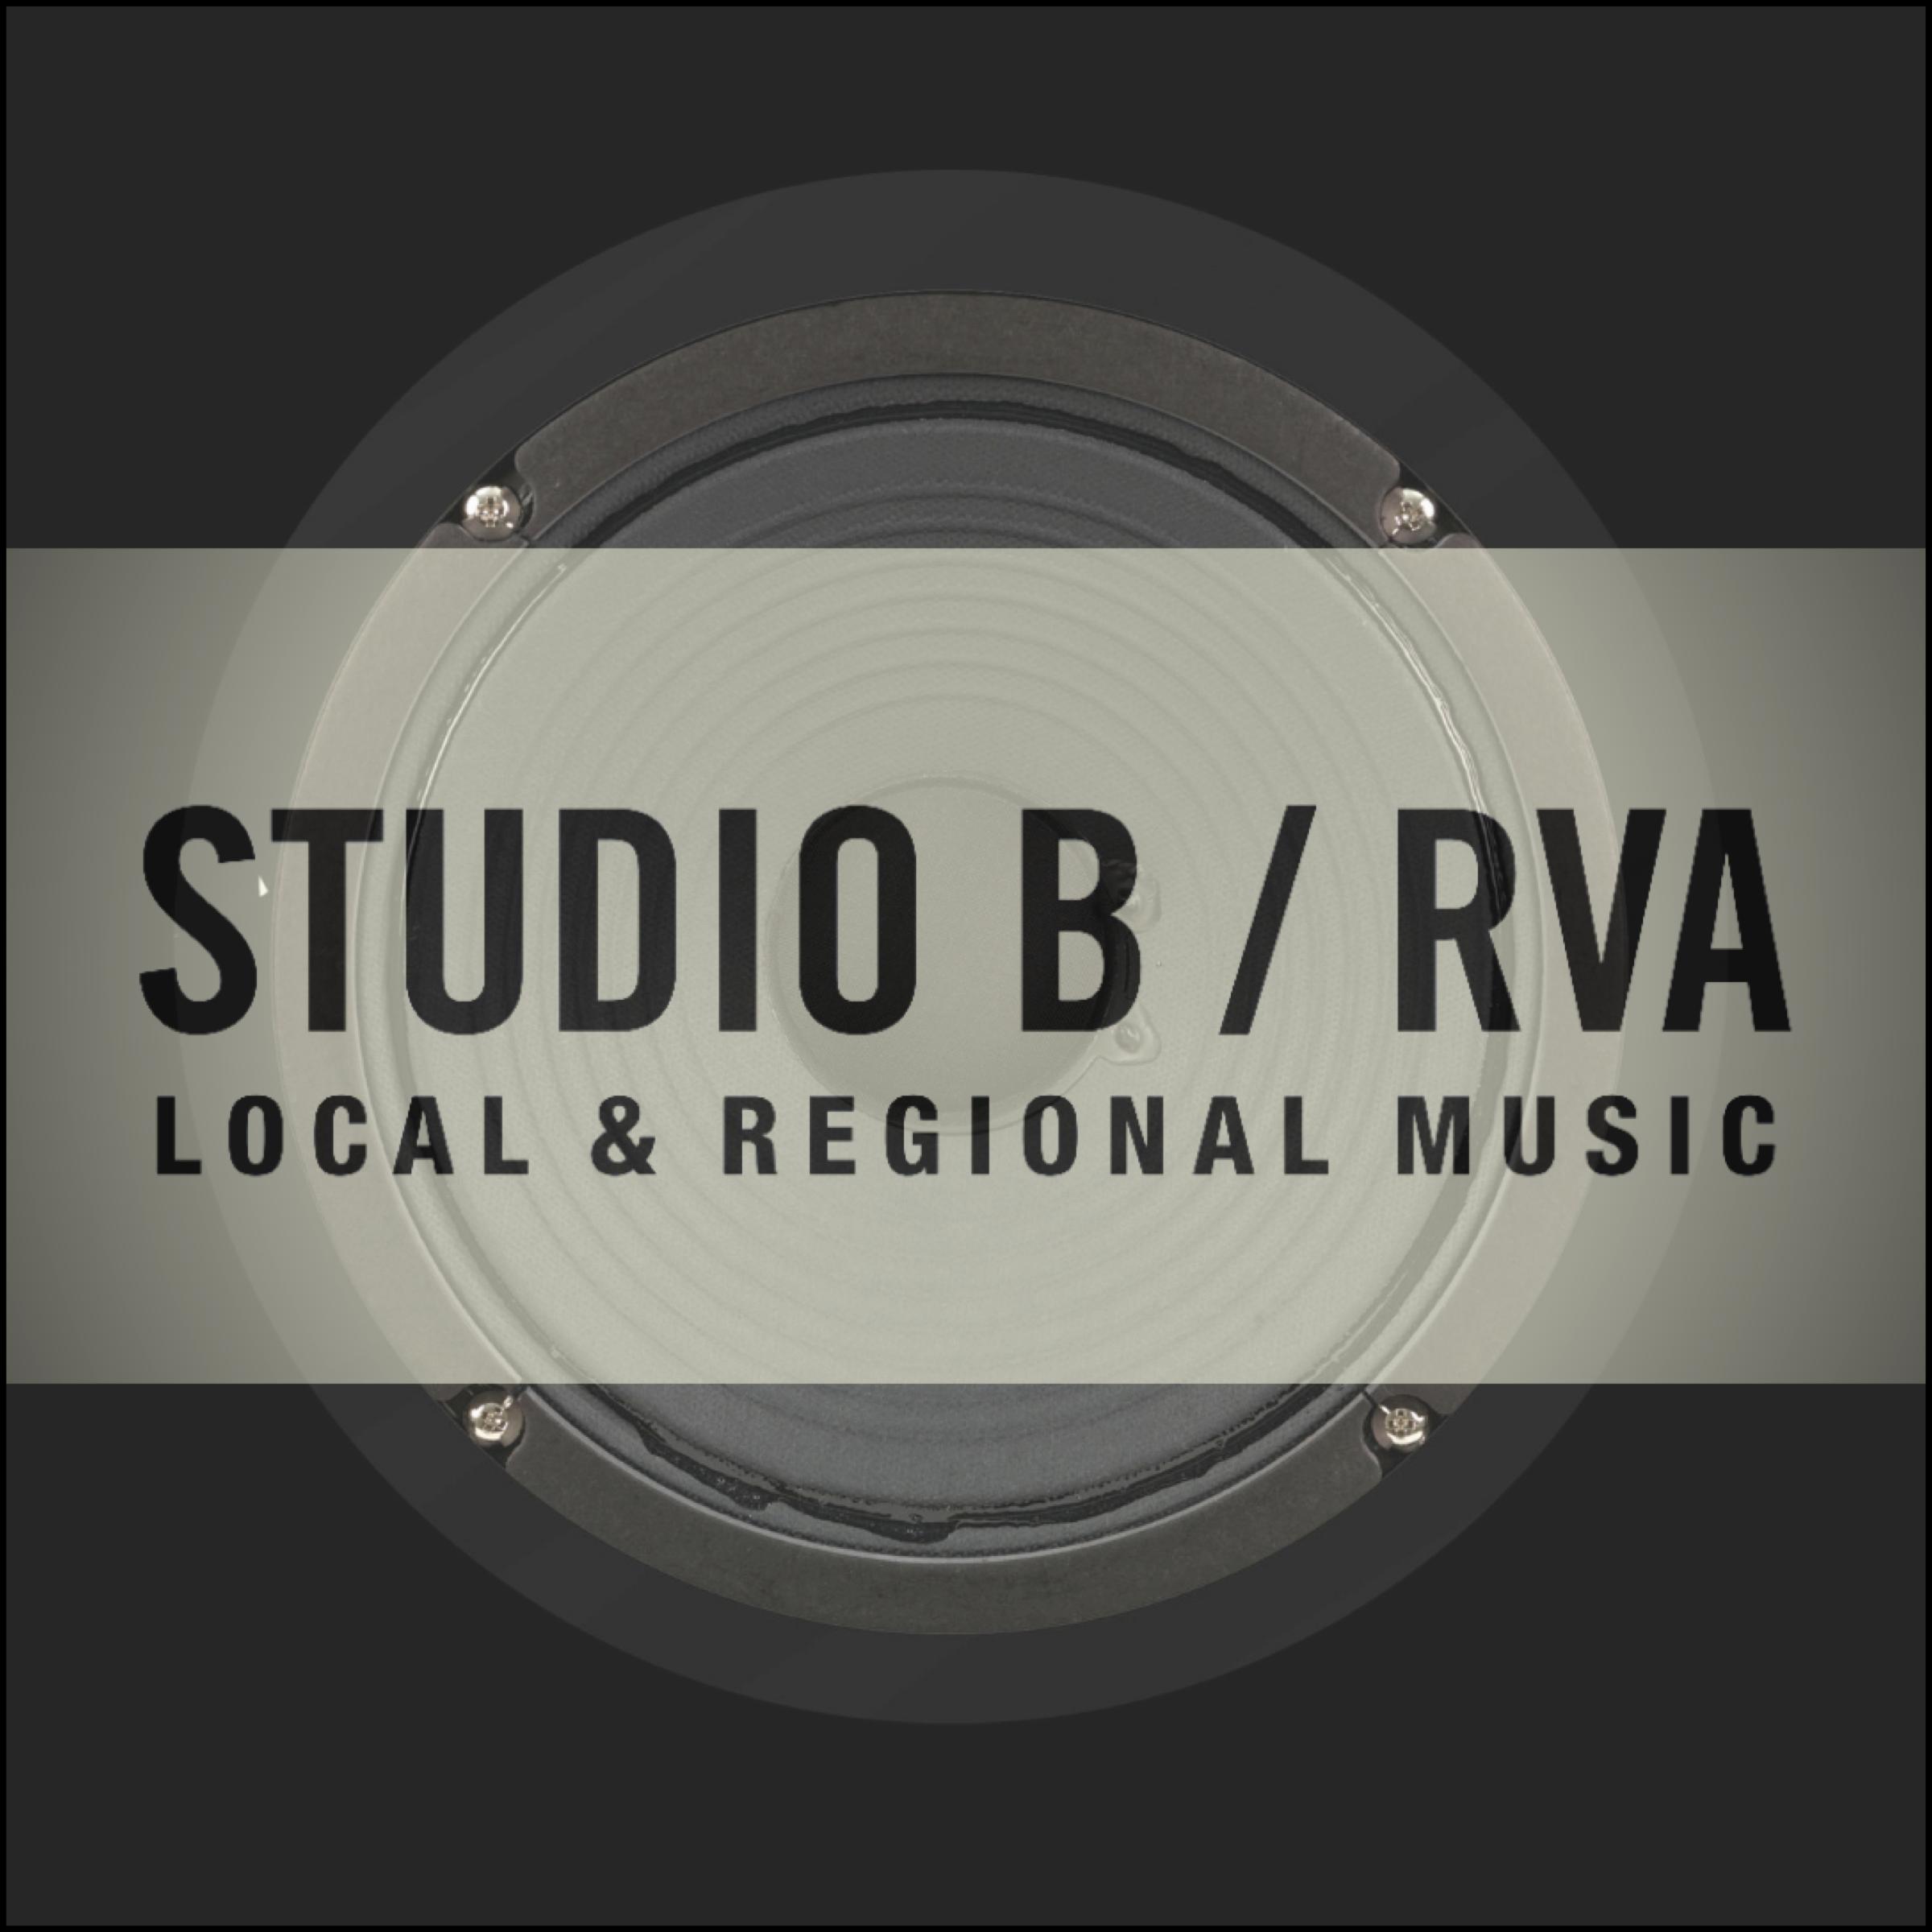 StudioB RVA show art